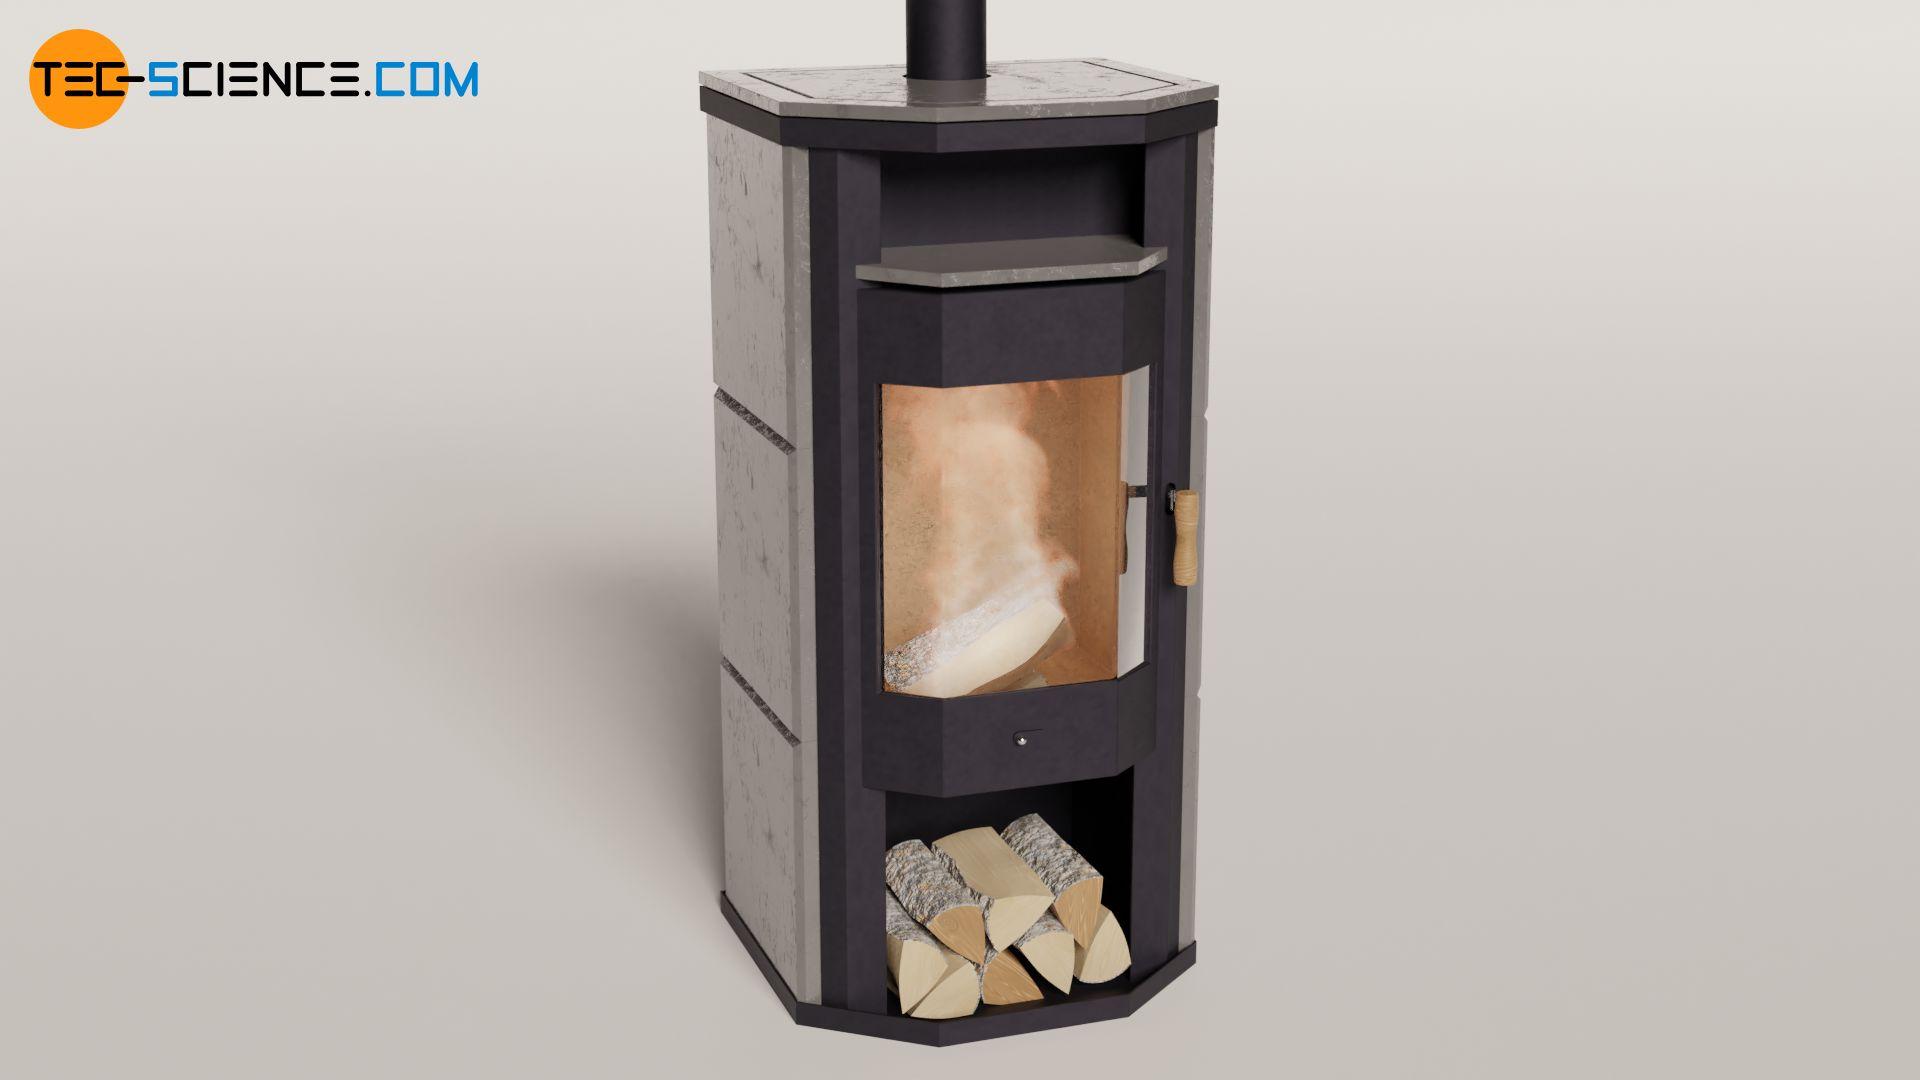 Wärmekapazität eines Kaminofens bestehend aus verschiedenen Materialien